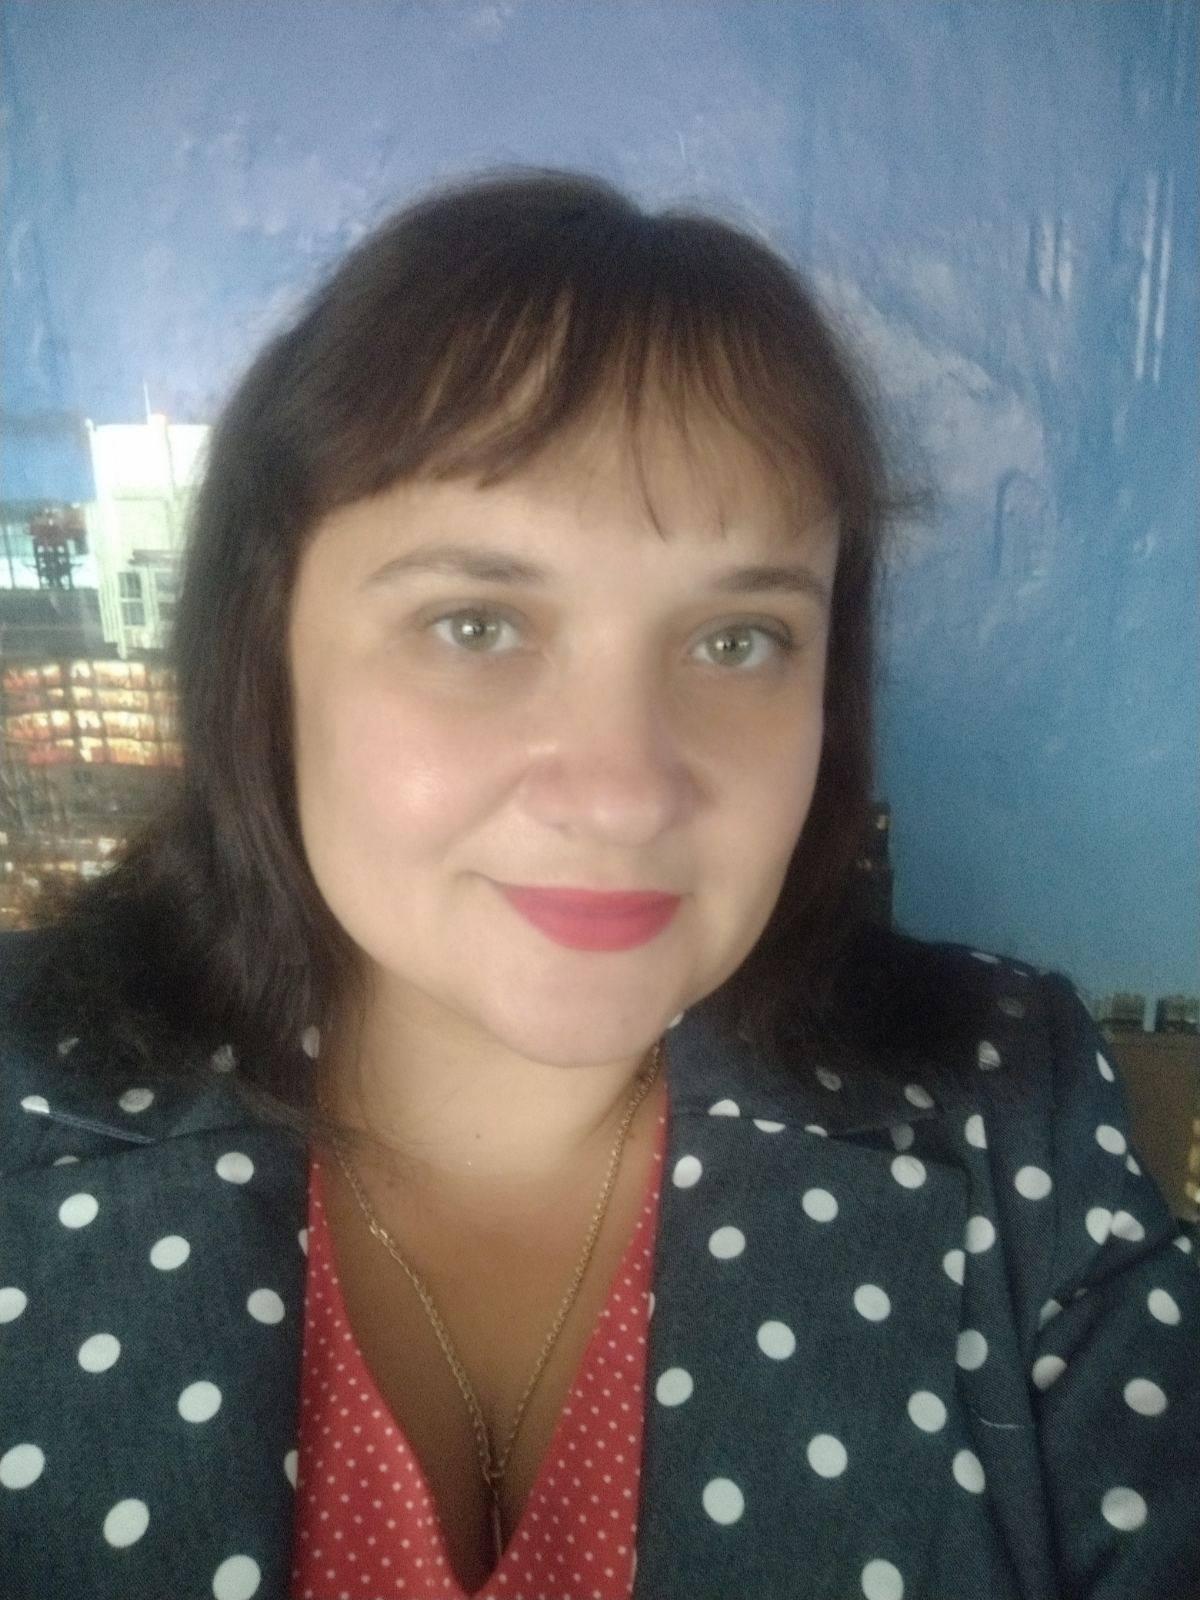 Практичний психолог закладу - Грузд Наталія Валеріївна. Онлайн-консультації з 15.00 до 17.00